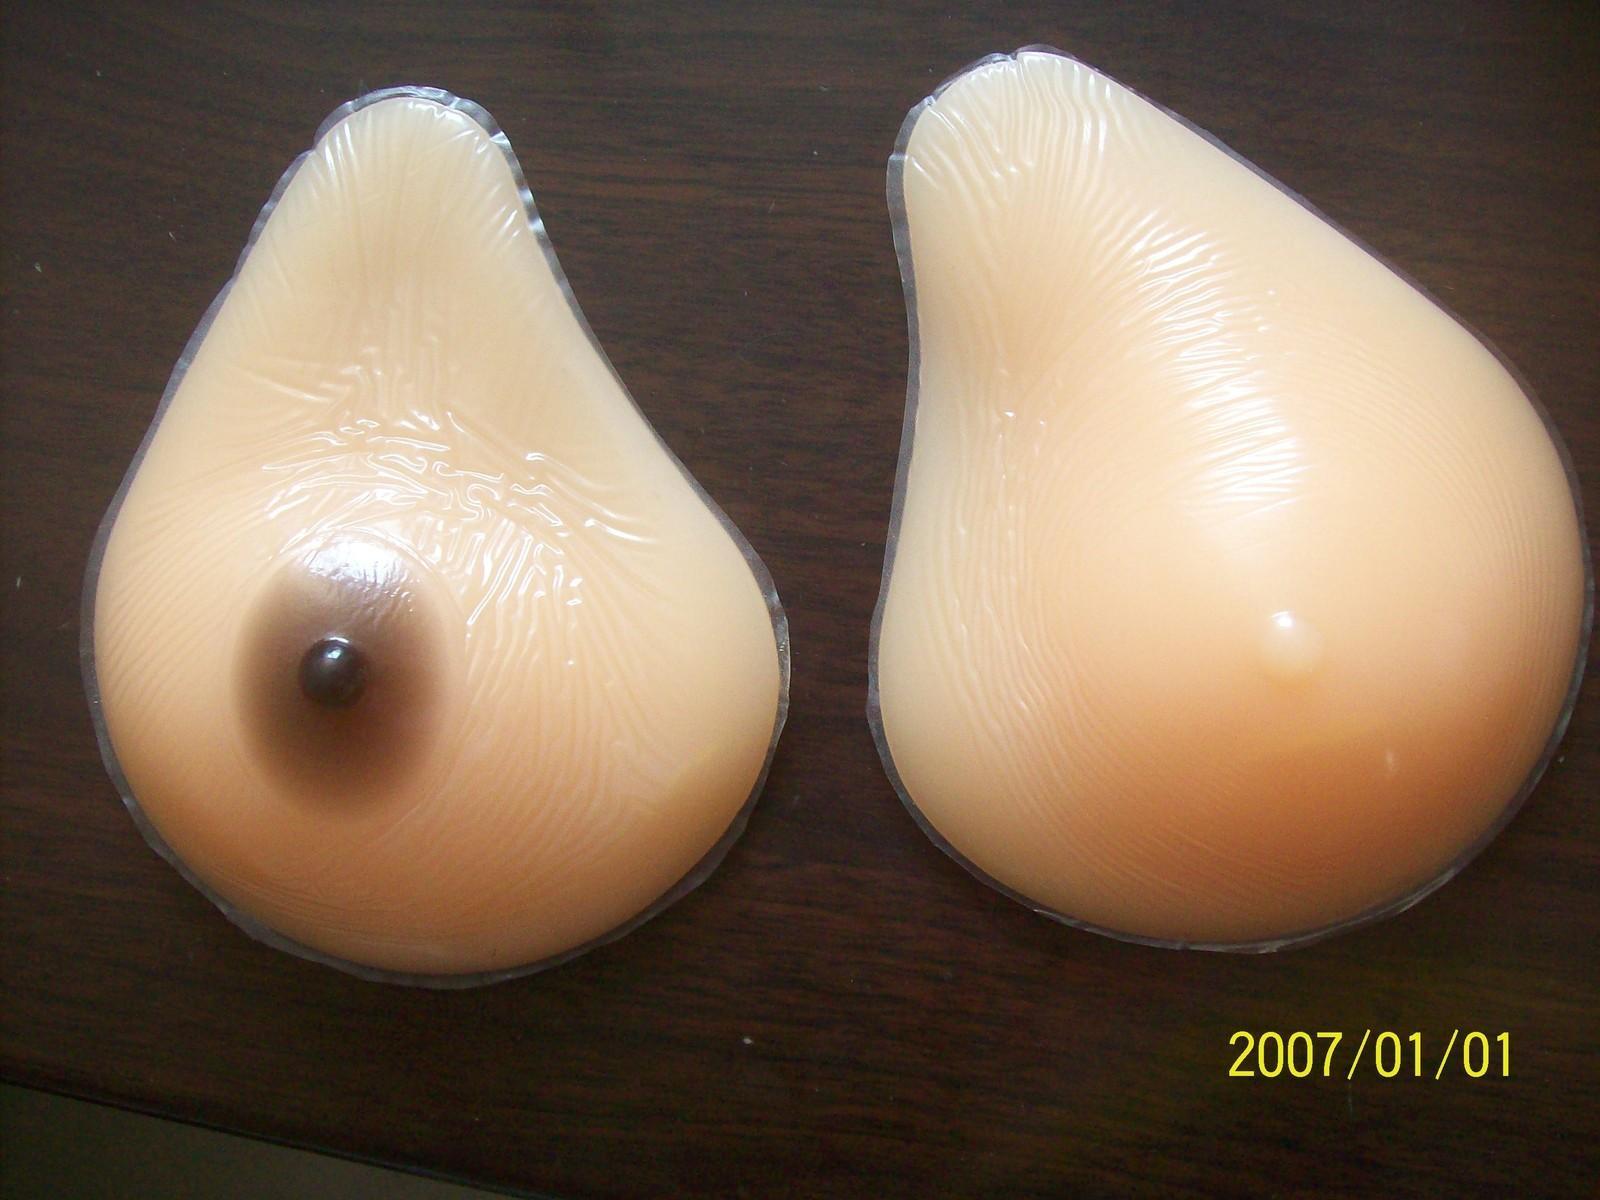 Breastforms